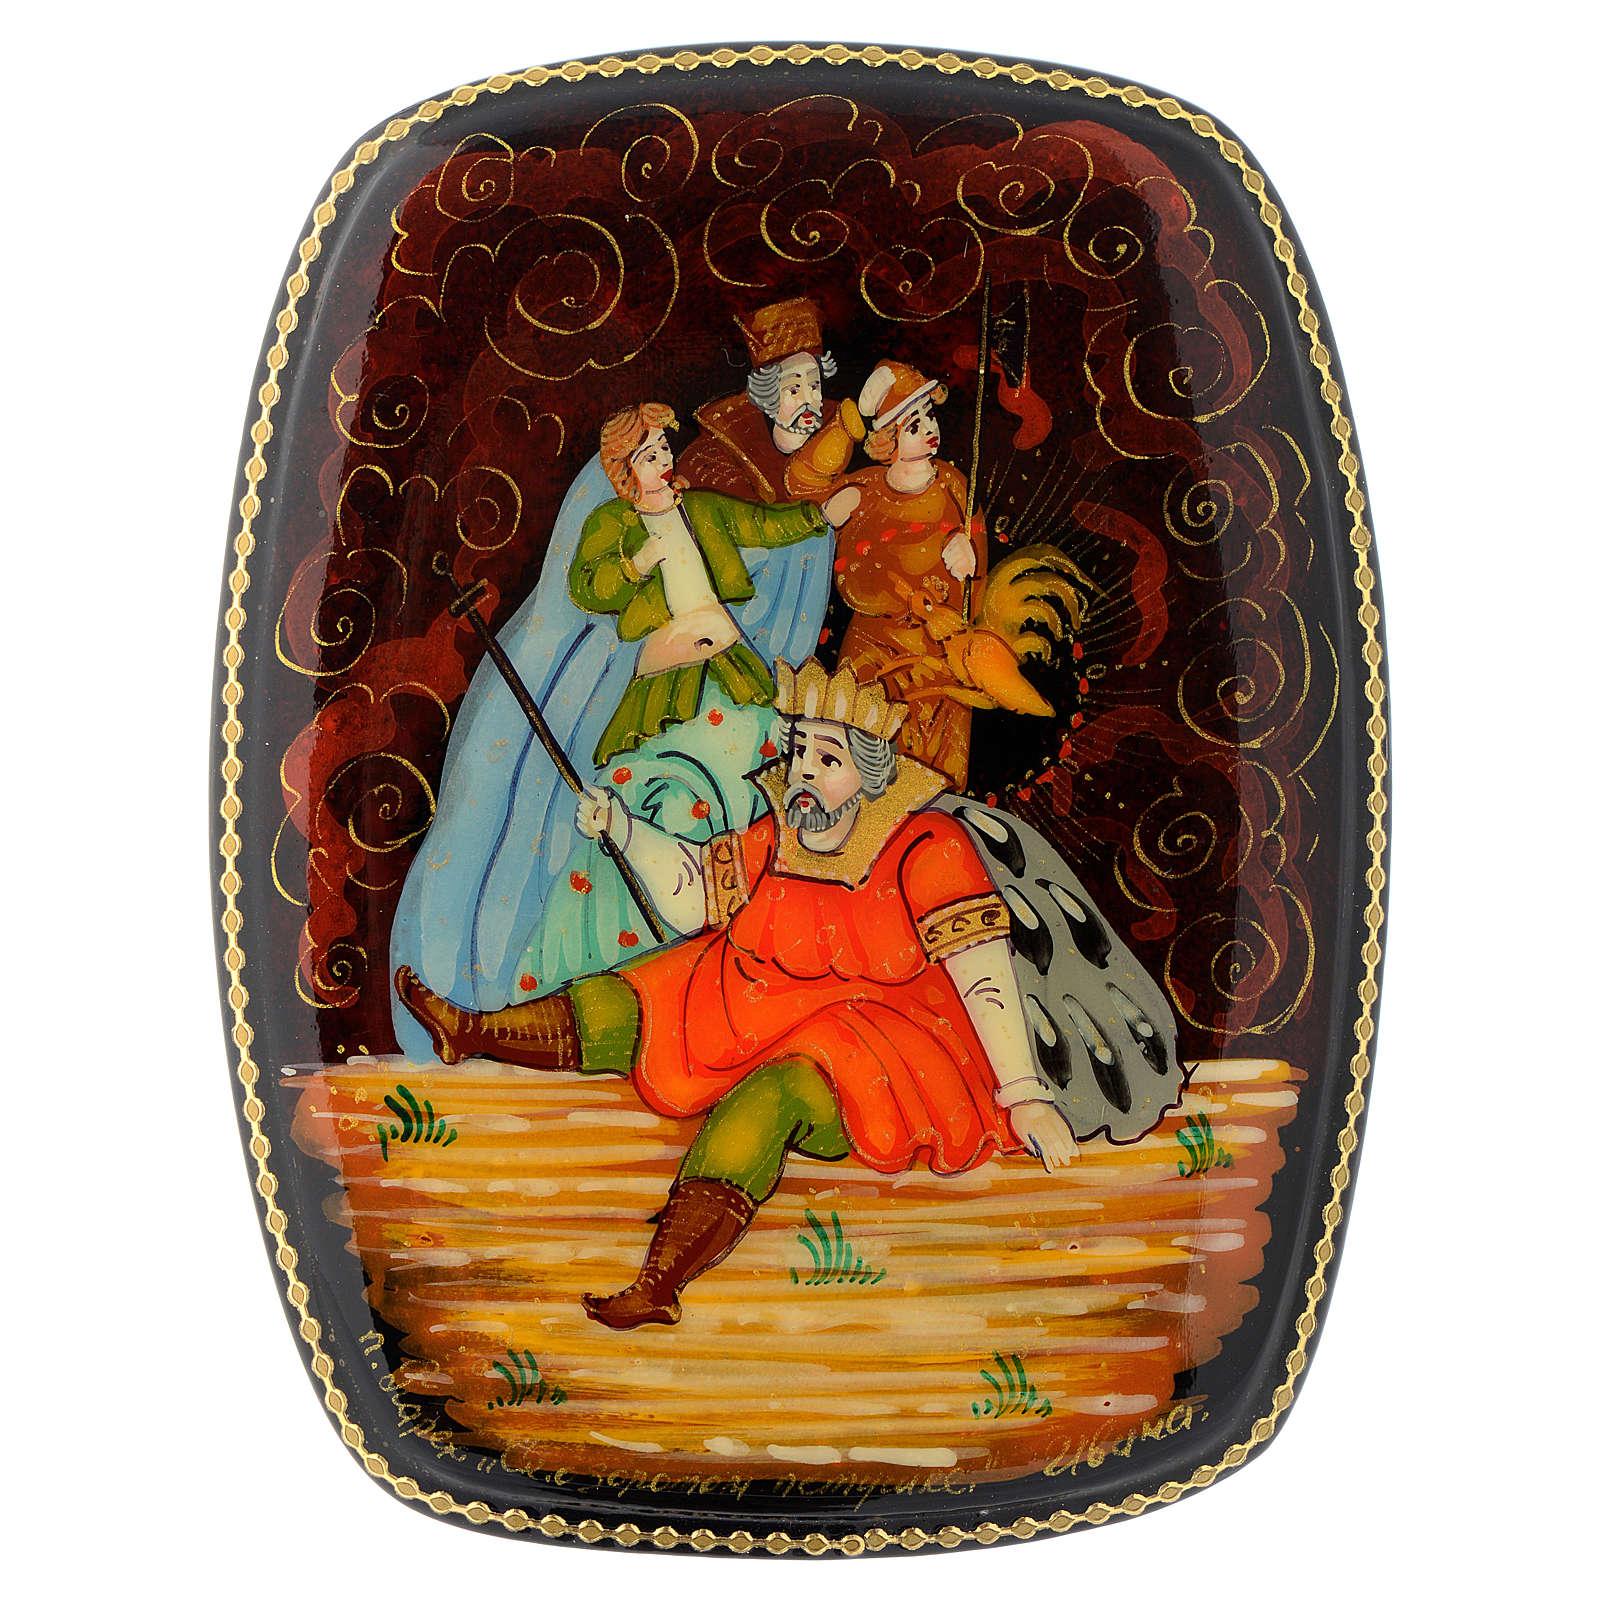 Scatola di lacca russa Il galletto d'oro Palech 4